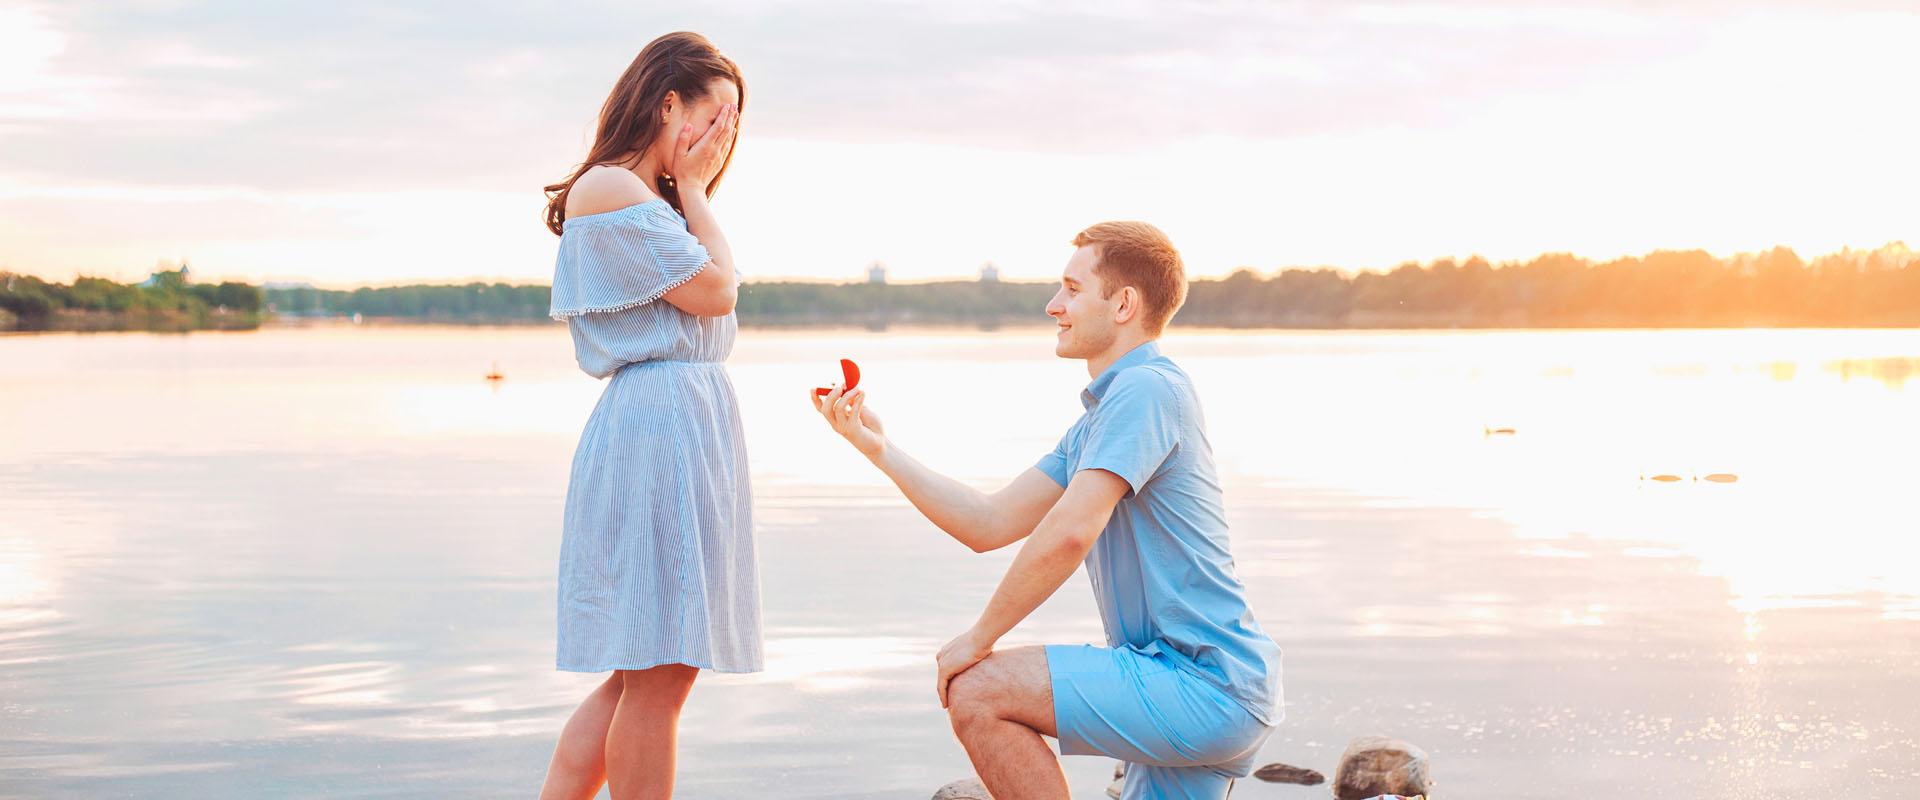 Hochzeitsrednerin Doreen Werding - Heiratsantrag